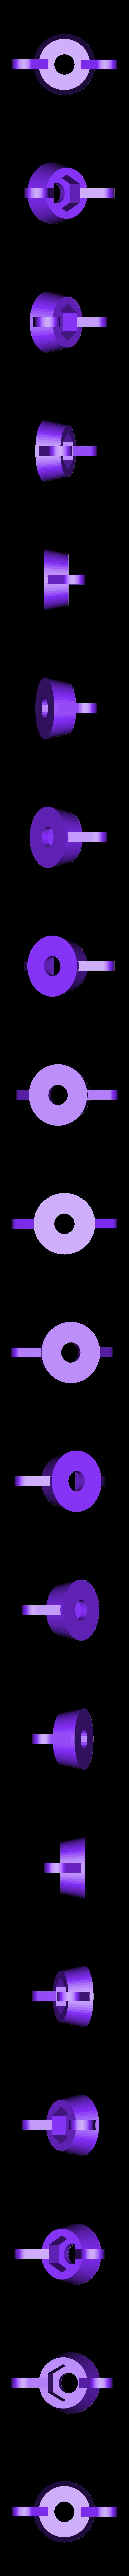 2.stl Télécharger fichier STL gratuit poignée pour l'écrou • Objet pour impression 3D, 1001thing3d